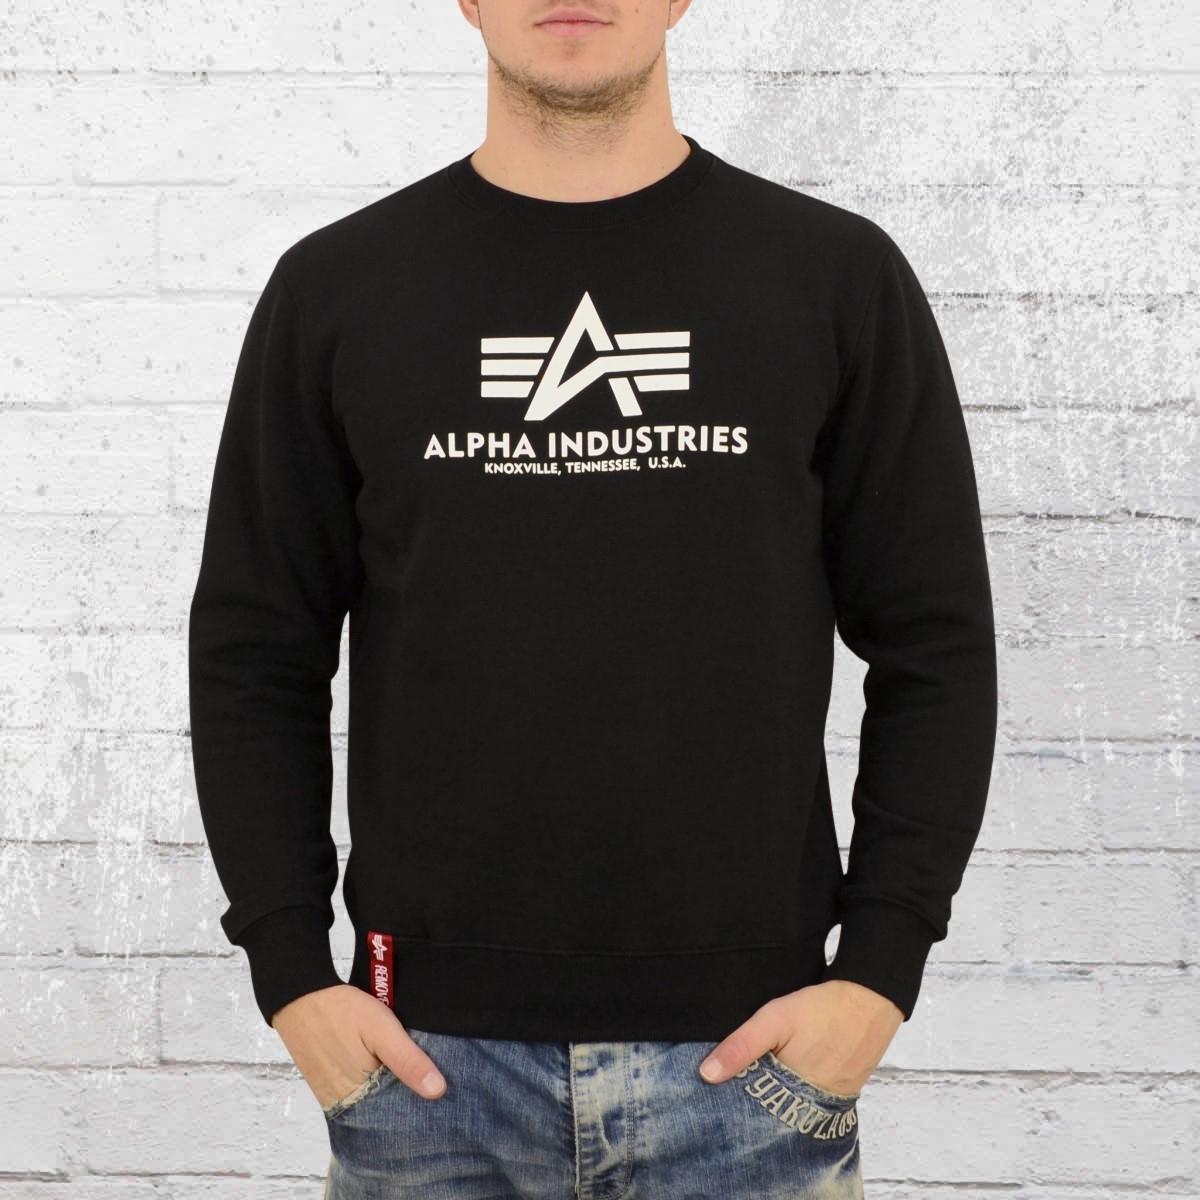 jetzt bestellen alpha industries sweatshirt m nner basic sweater schwarz krasse. Black Bedroom Furniture Sets. Home Design Ideas